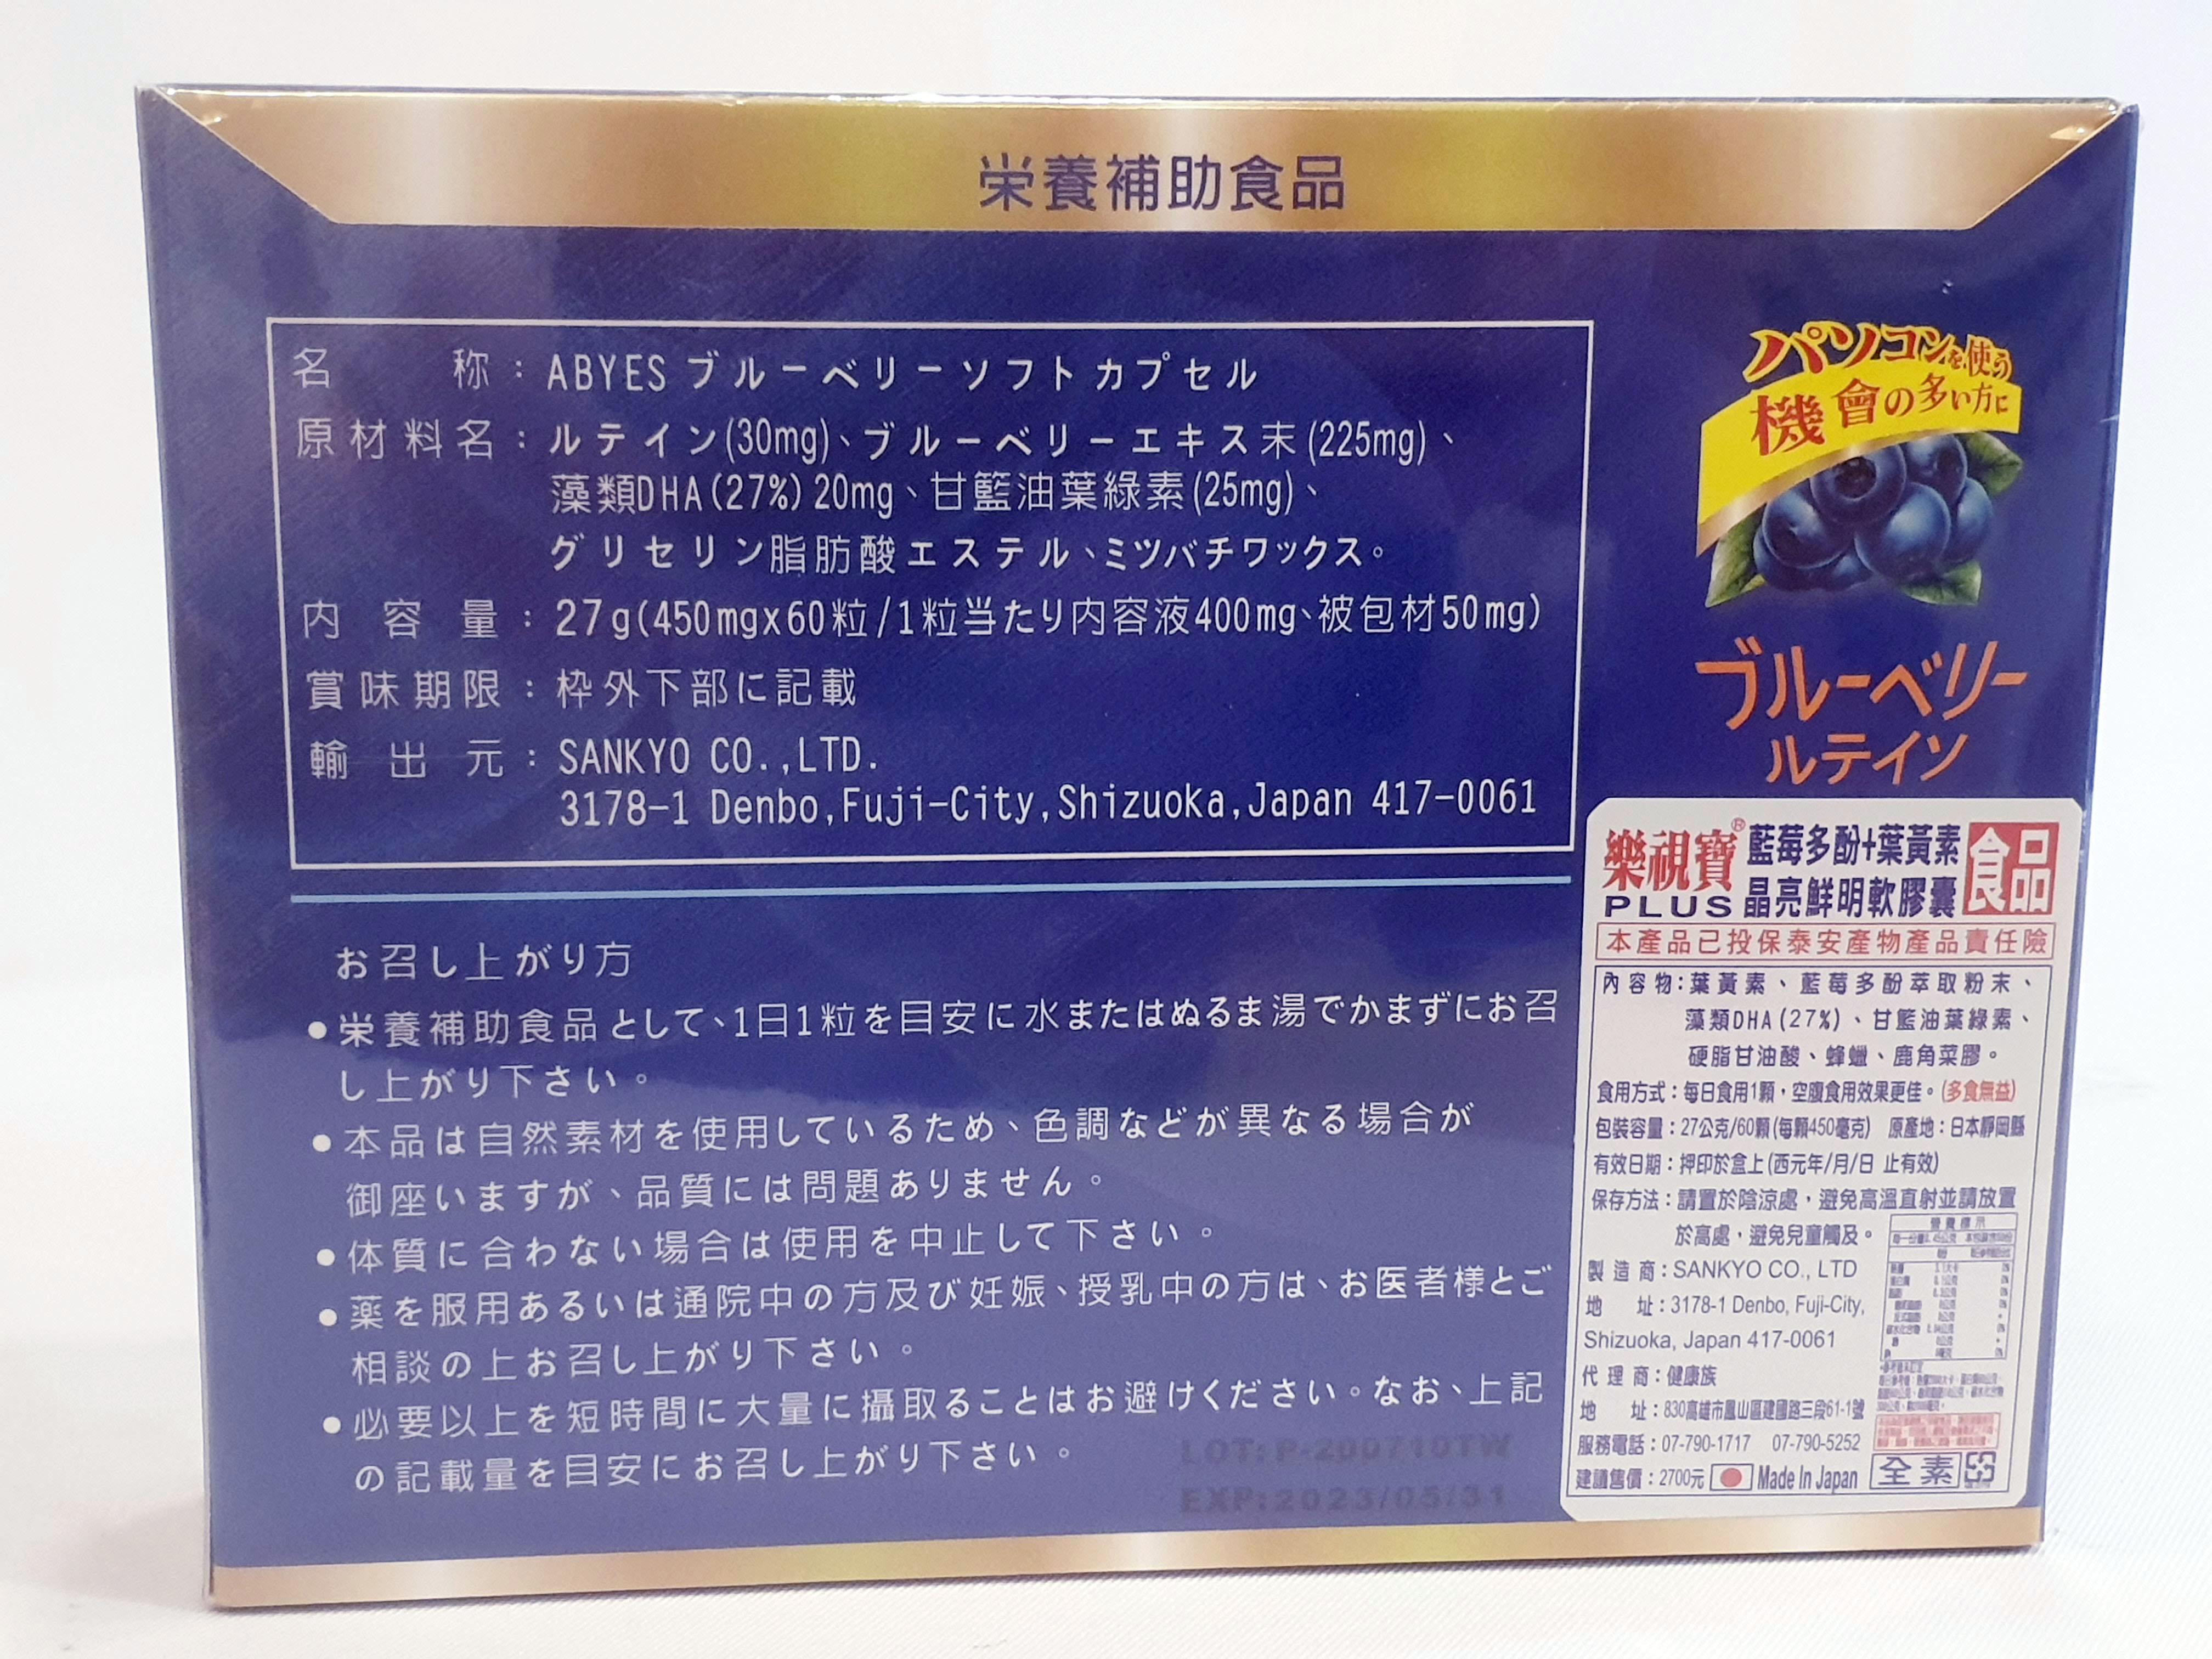 樂視寶 藍莓多酚+葉黃素 晶亮鮮明軟膠囊 60顆/盒(保健食品/日本製造)